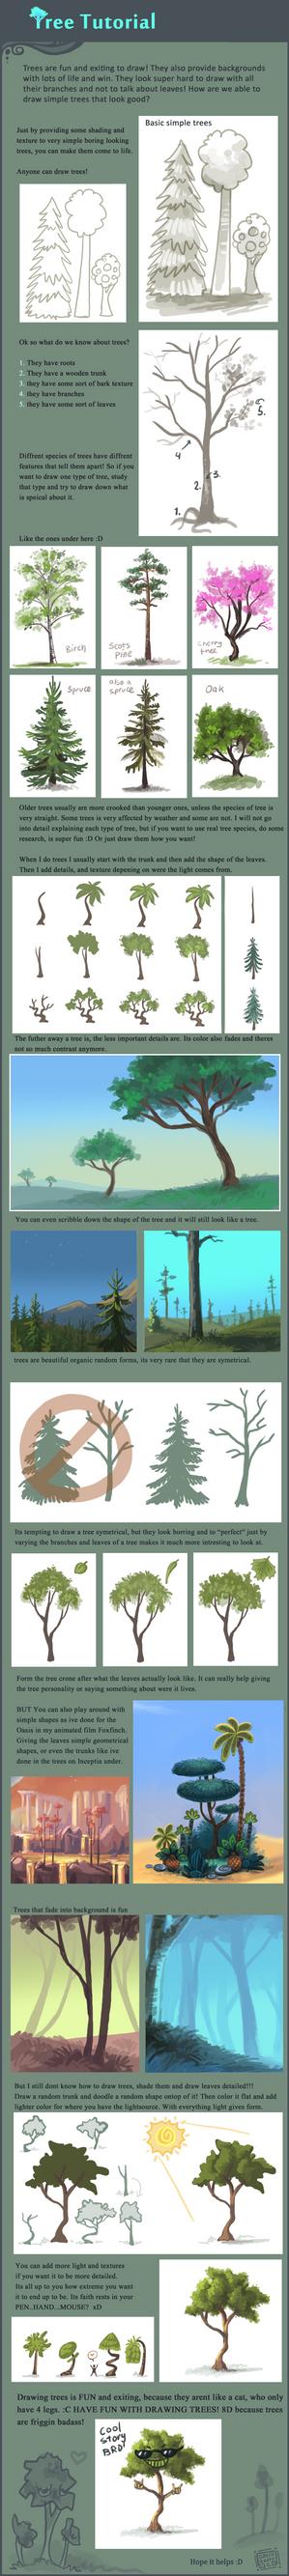 Tree tutorial by griffsnuff